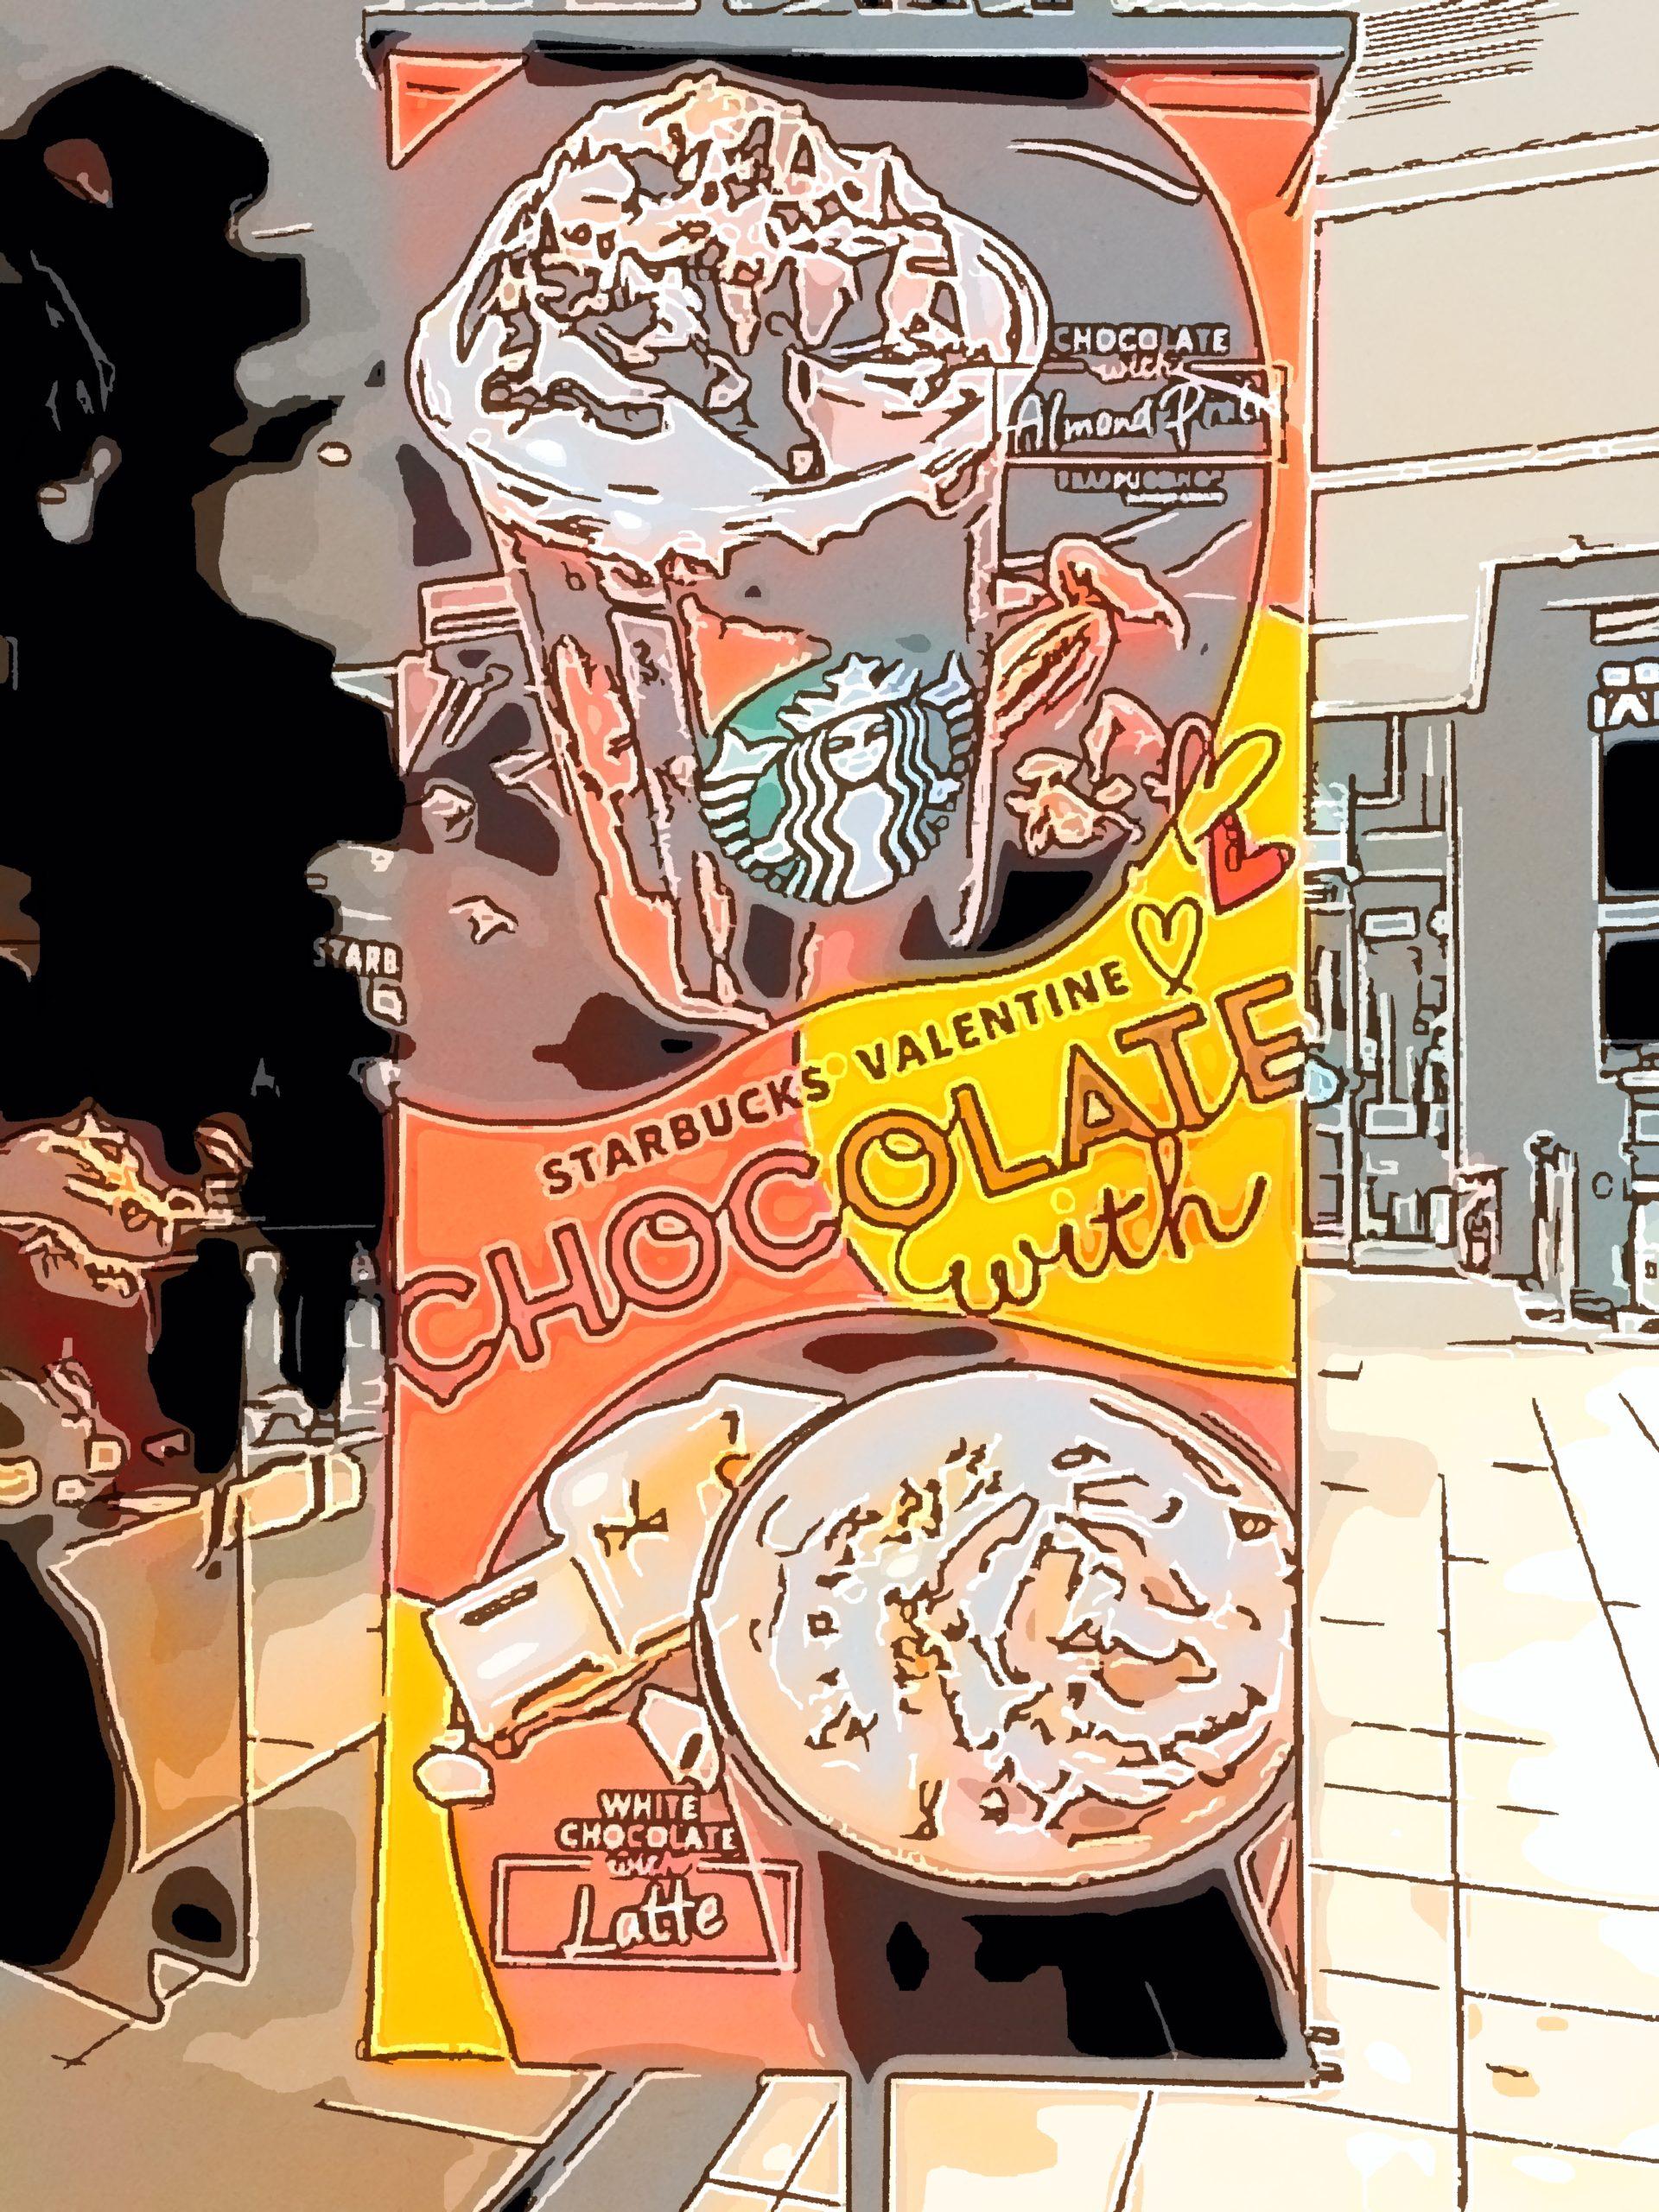 スターバックス コーヒー で チョコレート with パッション フルーツ フラペチーノ と チョコレート ムース with ラテ